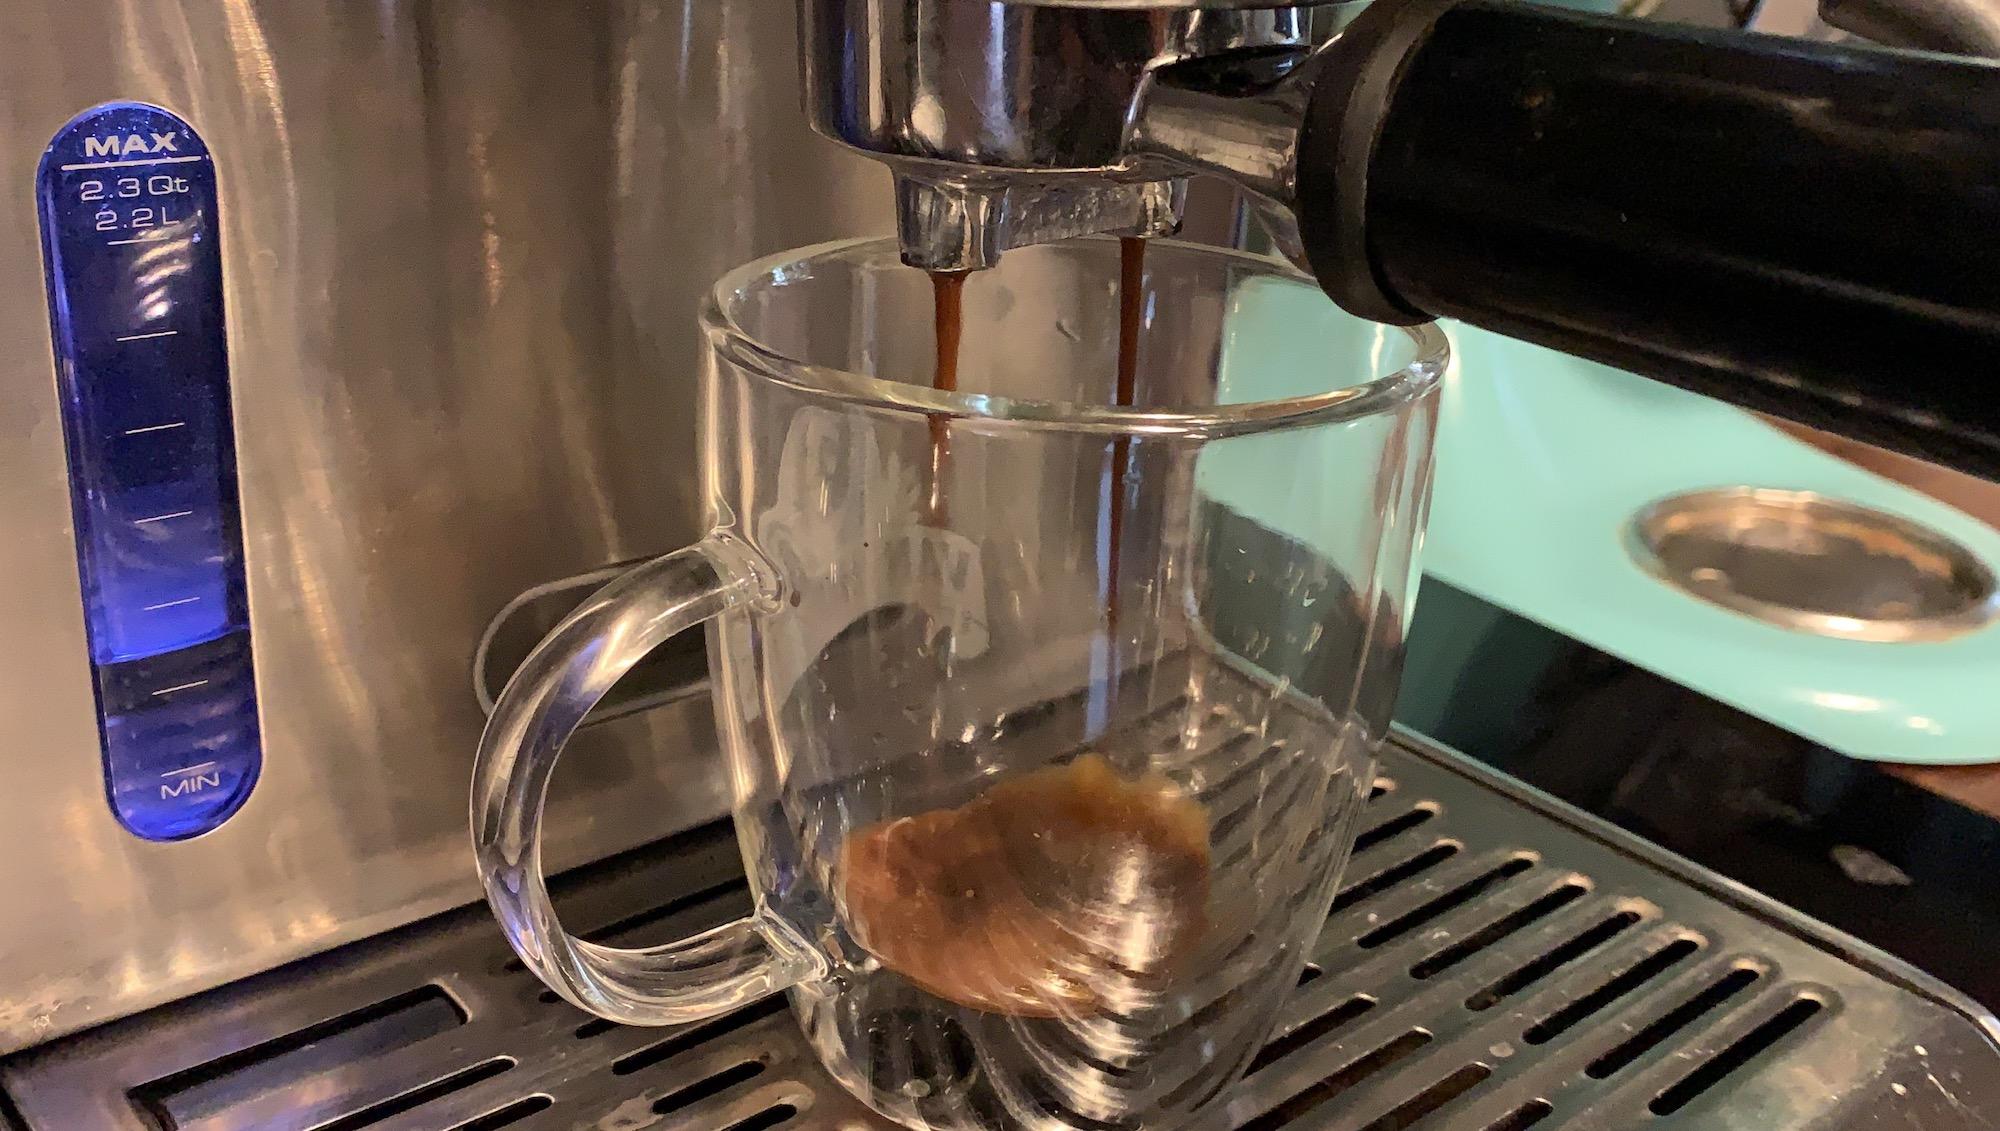 Breville espresso maker how to make espresso